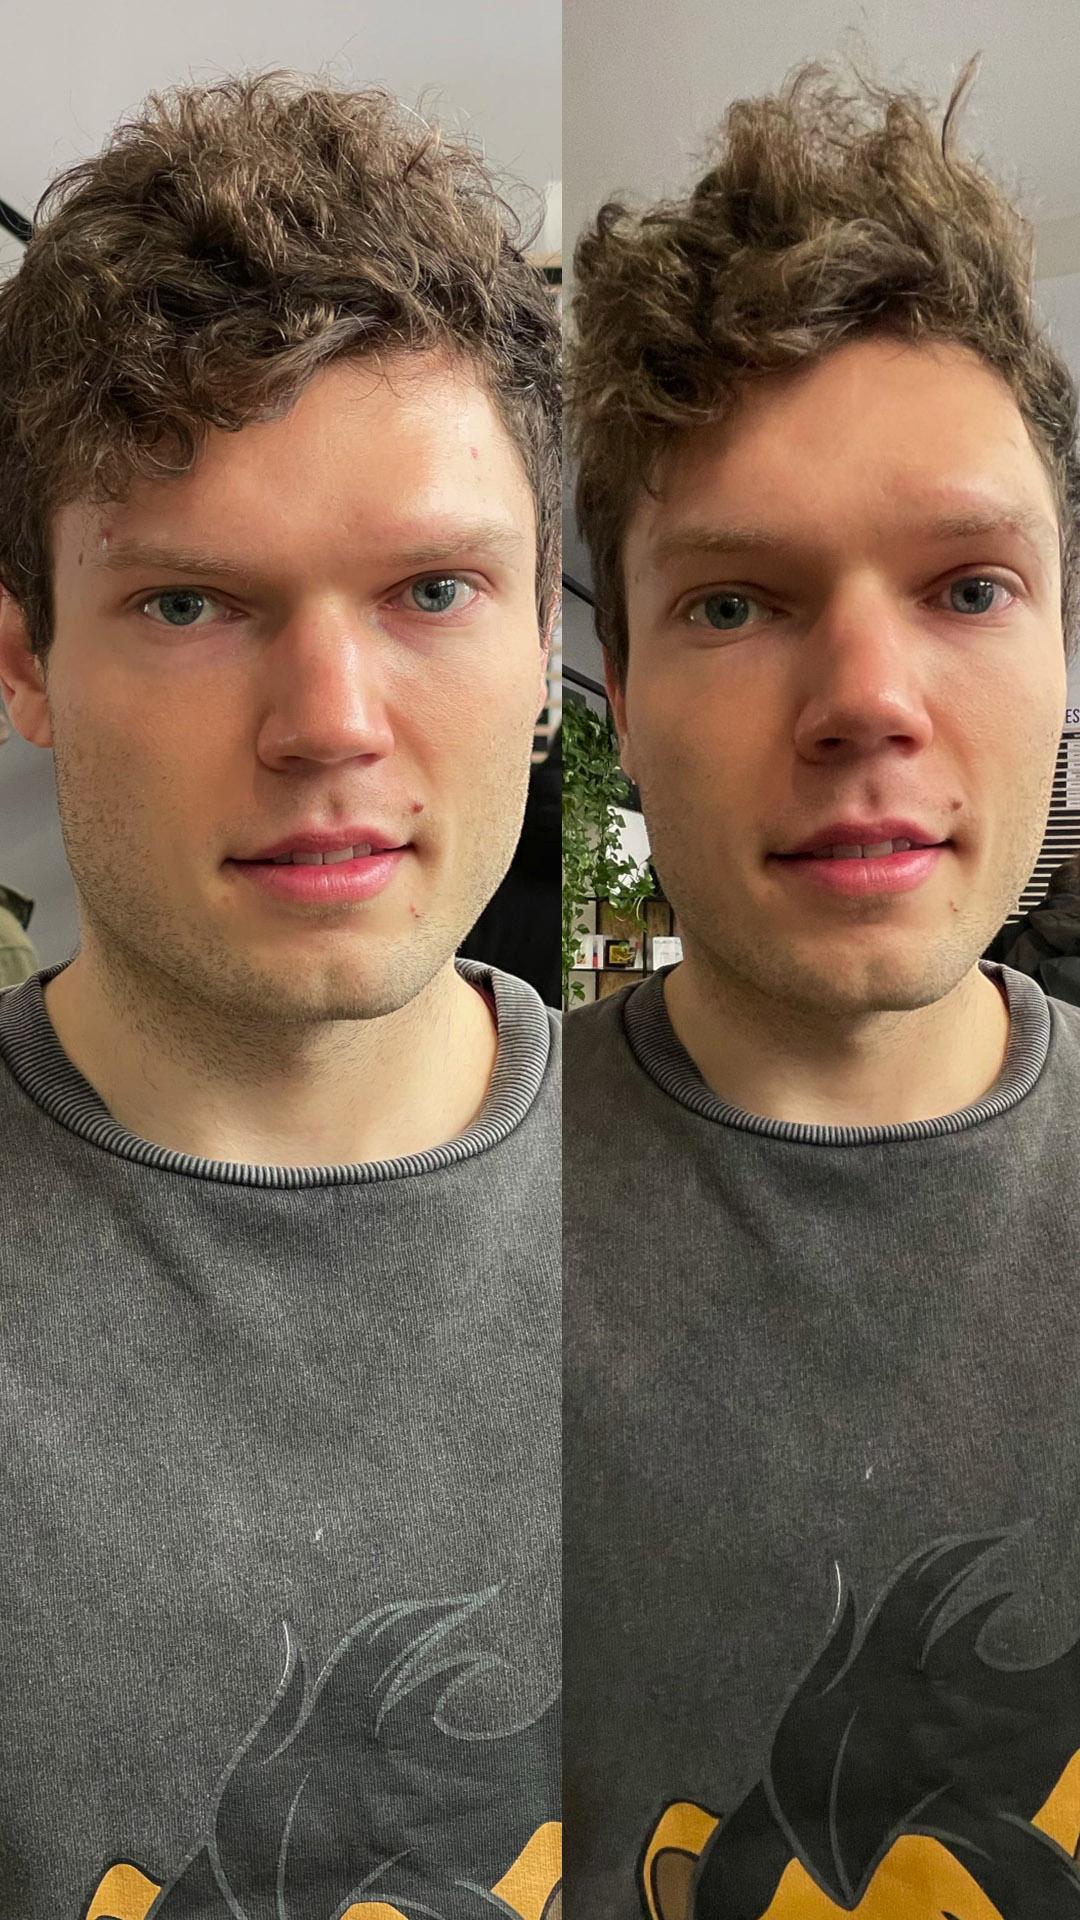 zmiana wyglądu twarzy w aparatach telefonu